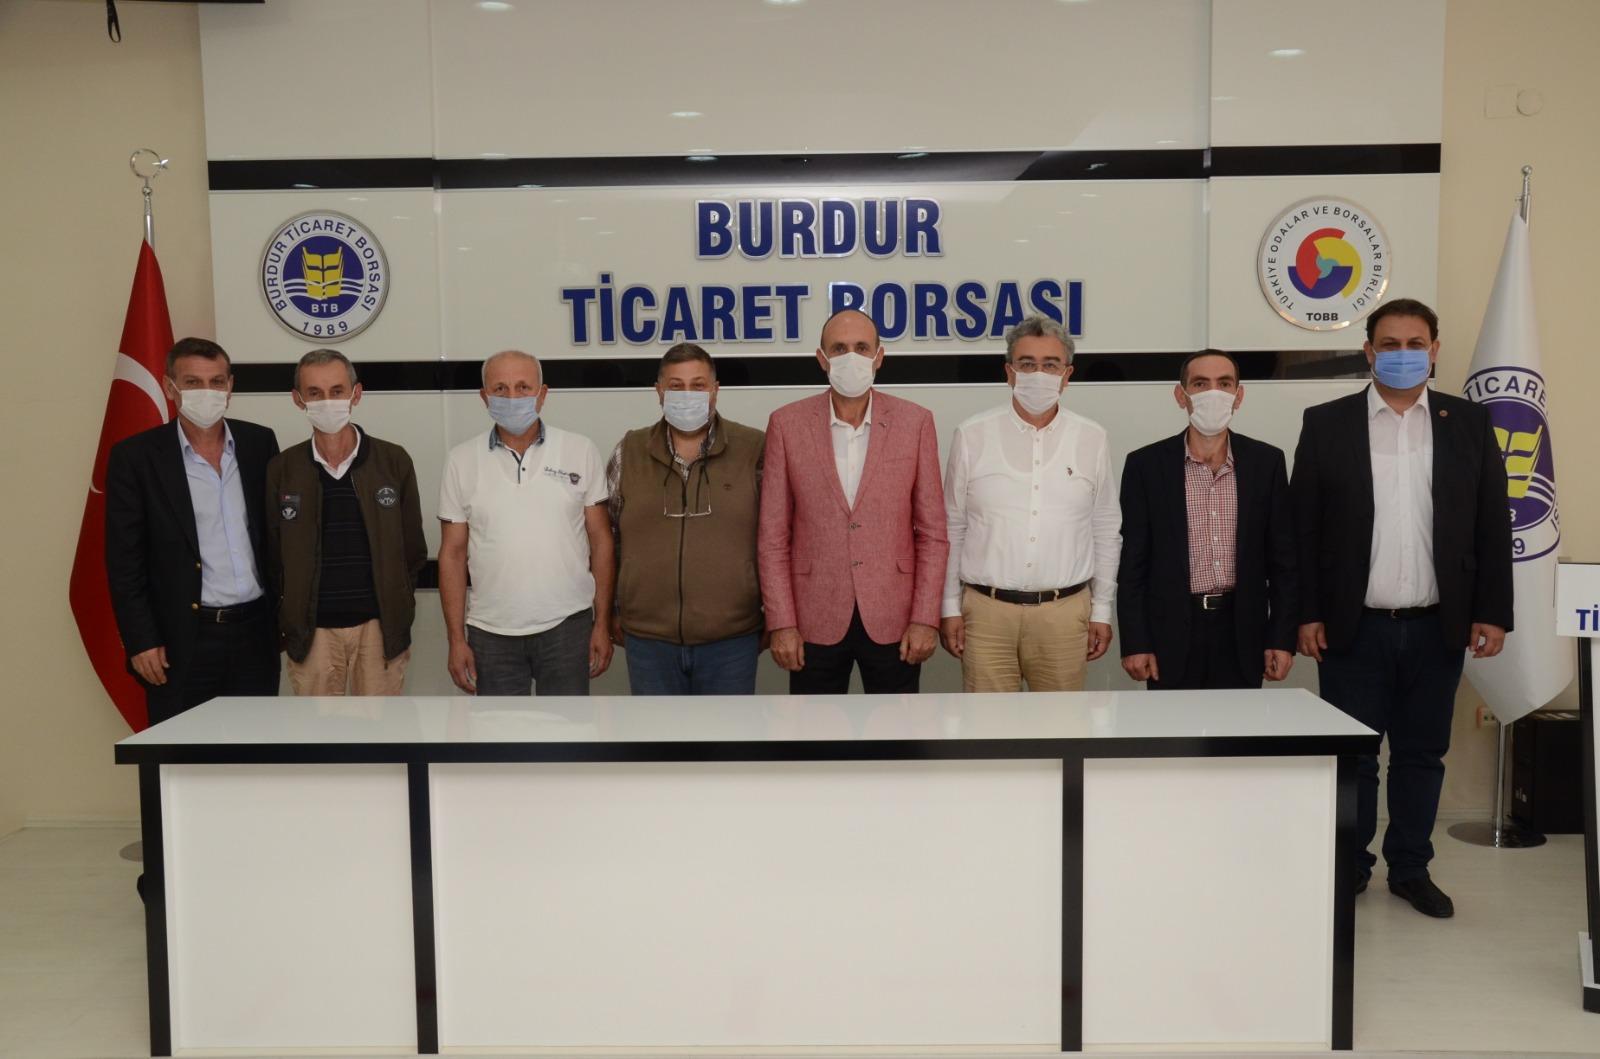 Sakarya TB'den Burdur Ticaret Borsasına Ziyaret